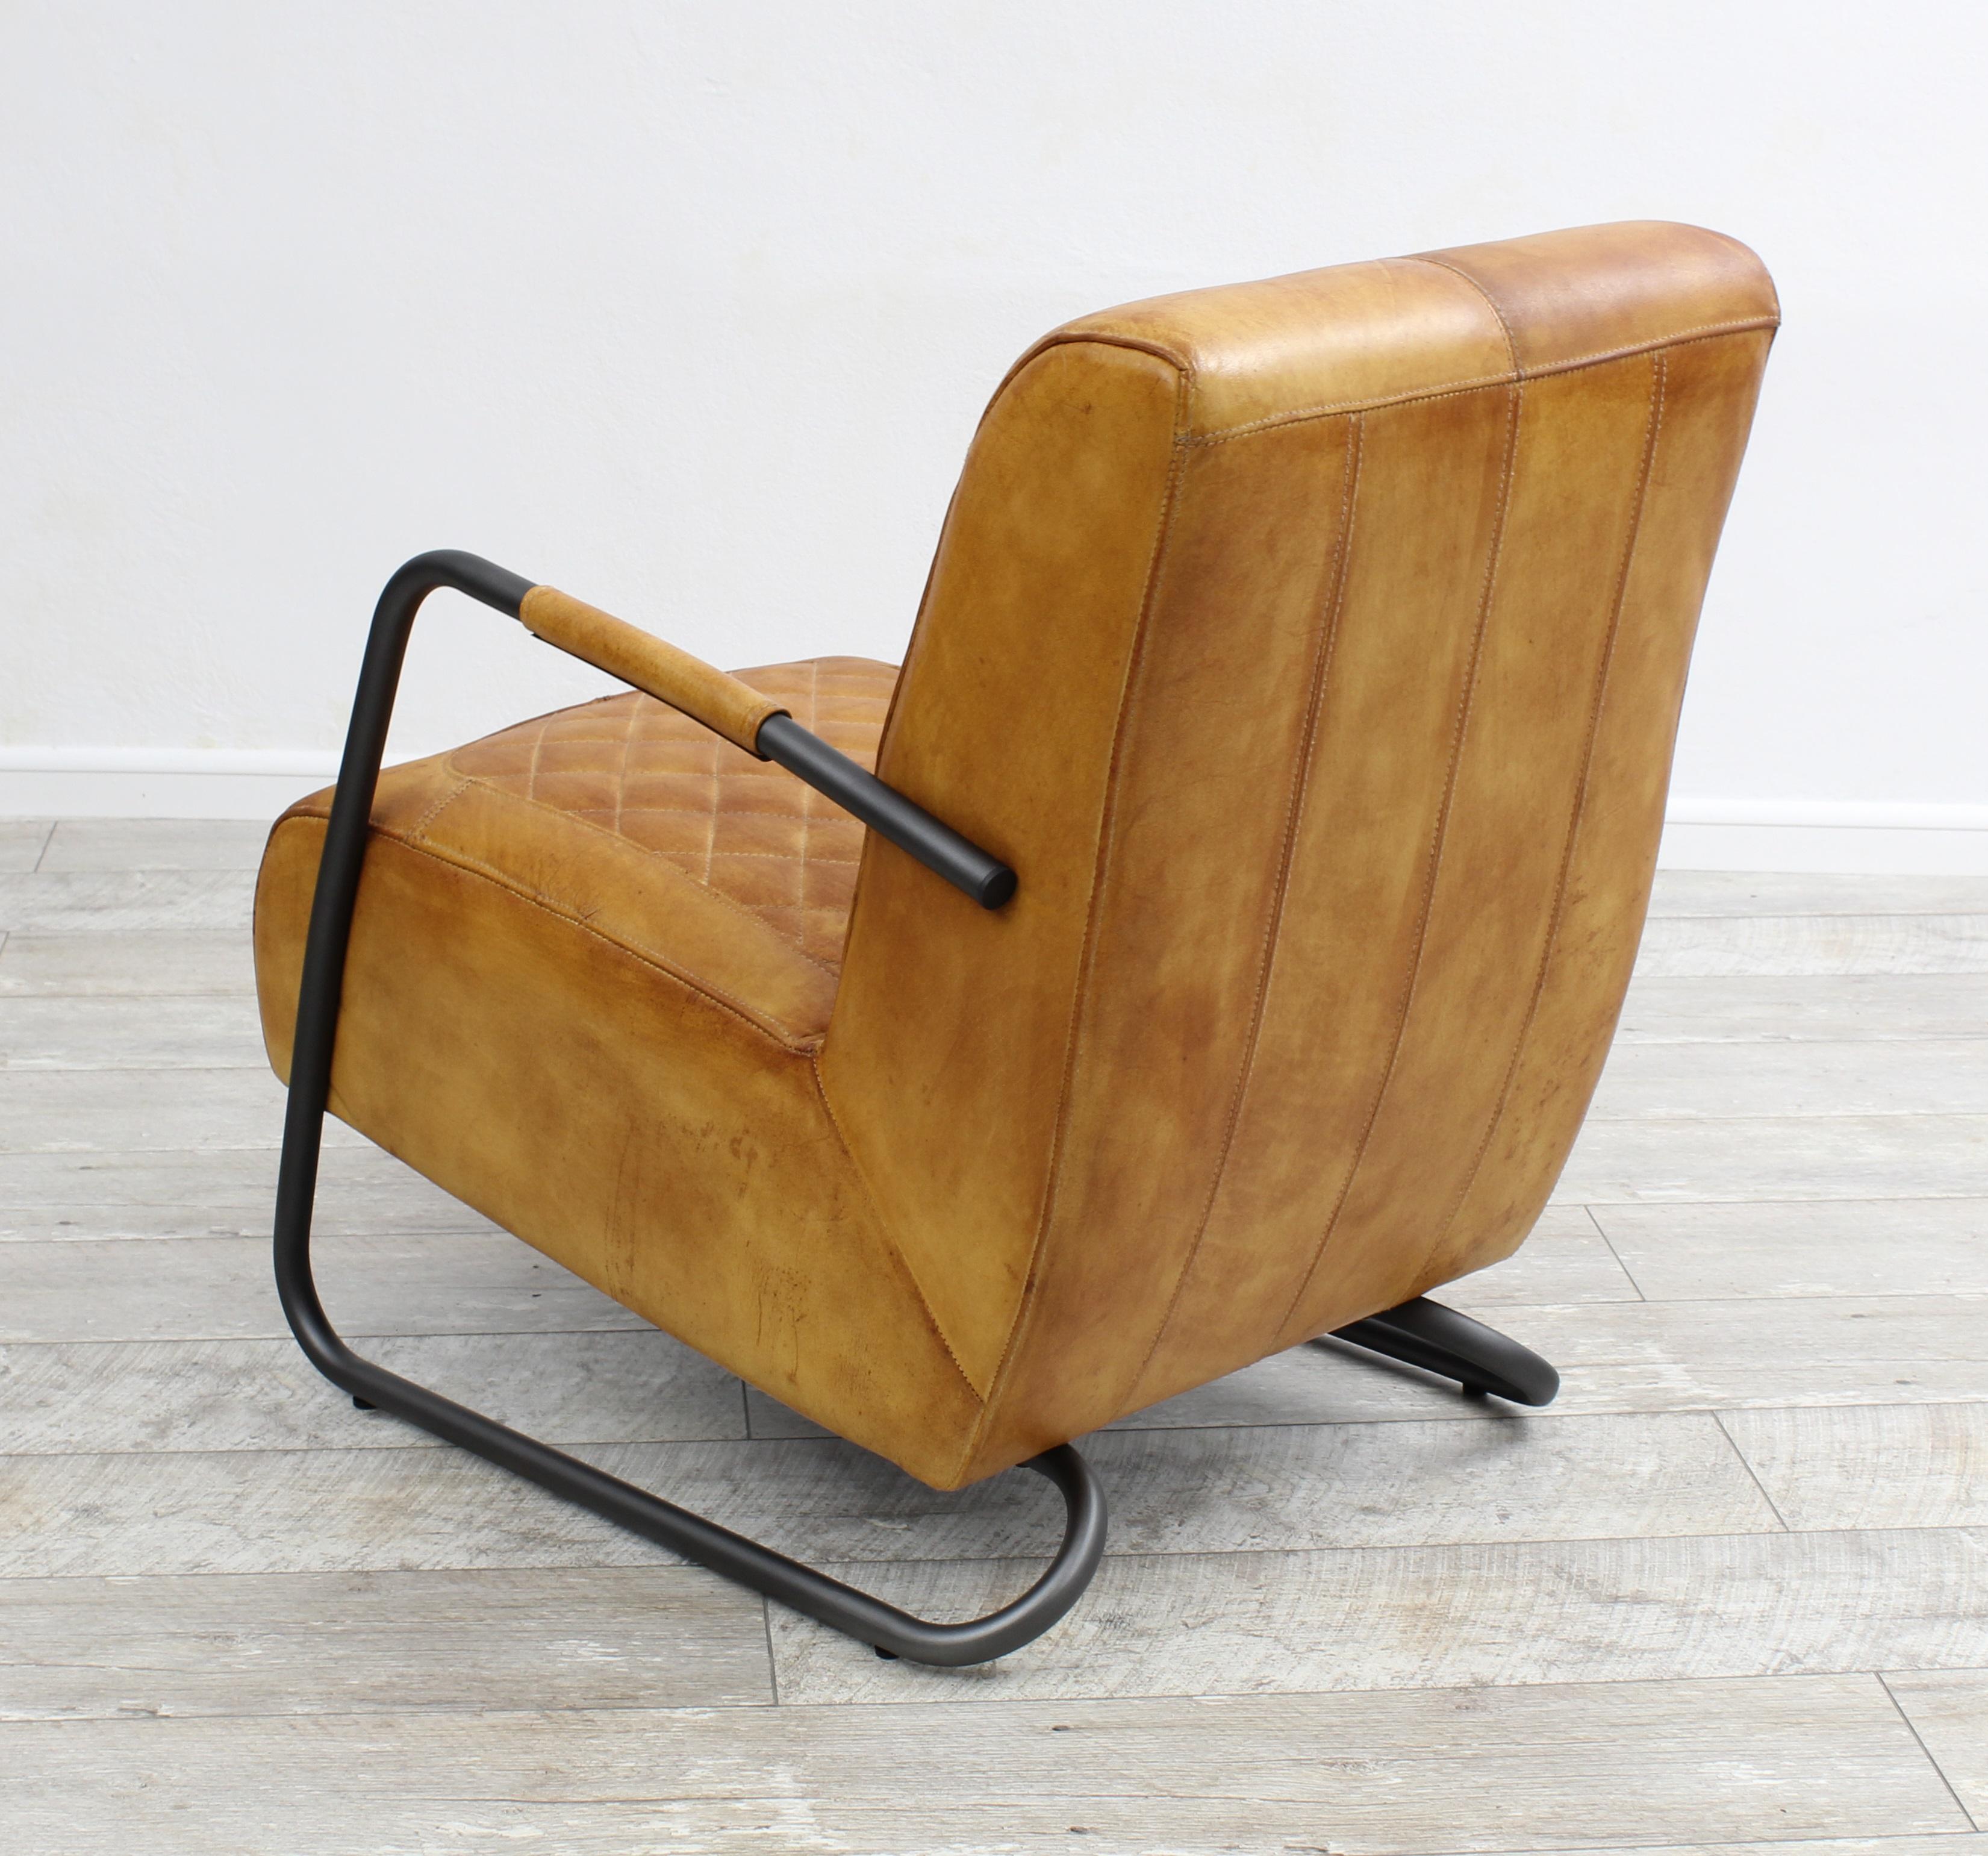 aktiv sessel stuhl designer m nchen nr 1. Black Bedroom Furniture Sets. Home Design Ideas